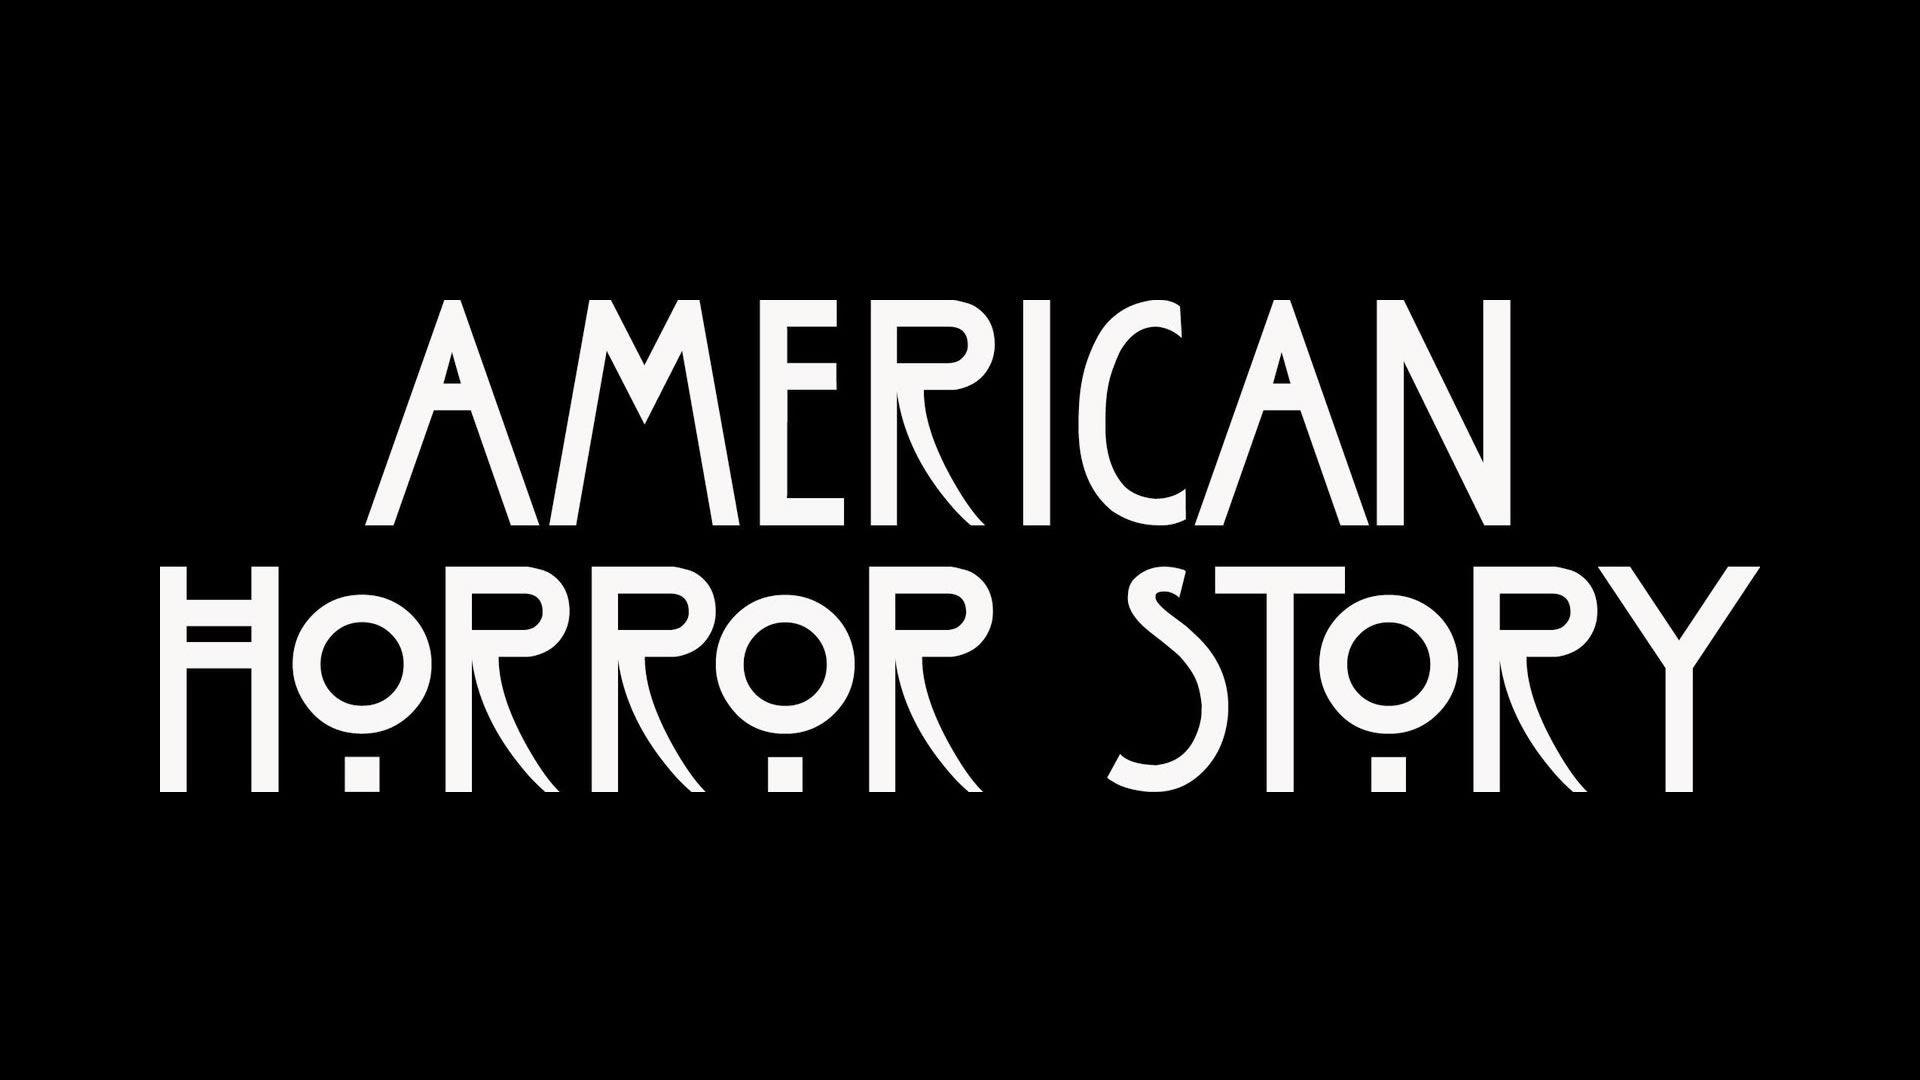 wallpaper american horror story - maximumwall